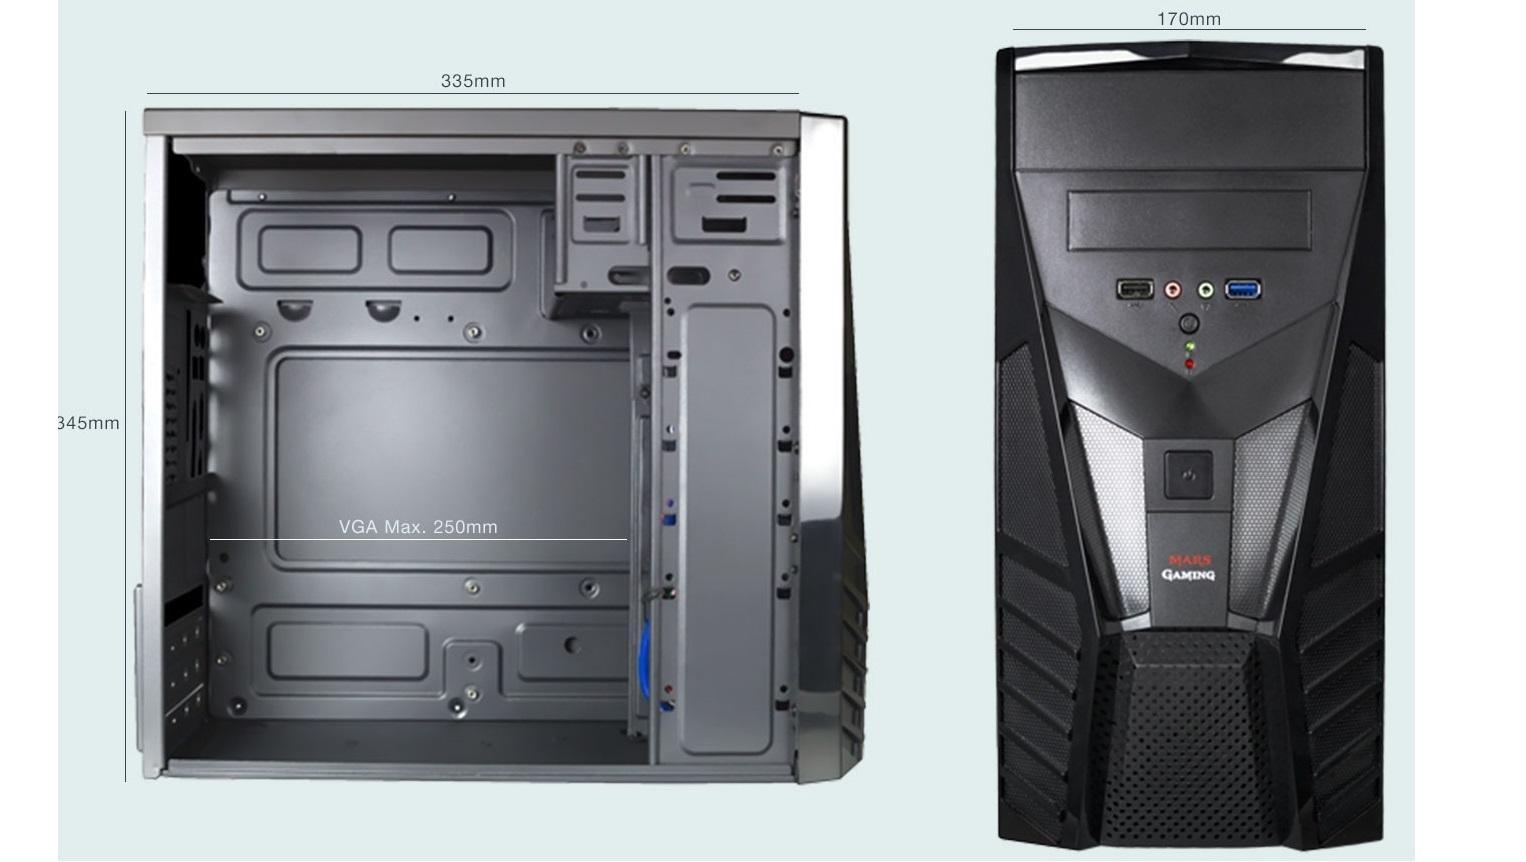 Mars Gaming MC0 - Caja de ordenador para gaming (micro ATX, 4 slots expansión, VGA hasta 250 mm, capacidad 2 ventiladores, USB 2.0/3.0, audio/mic), negro: Mars-Gaming: Amazon.es: Electrónica